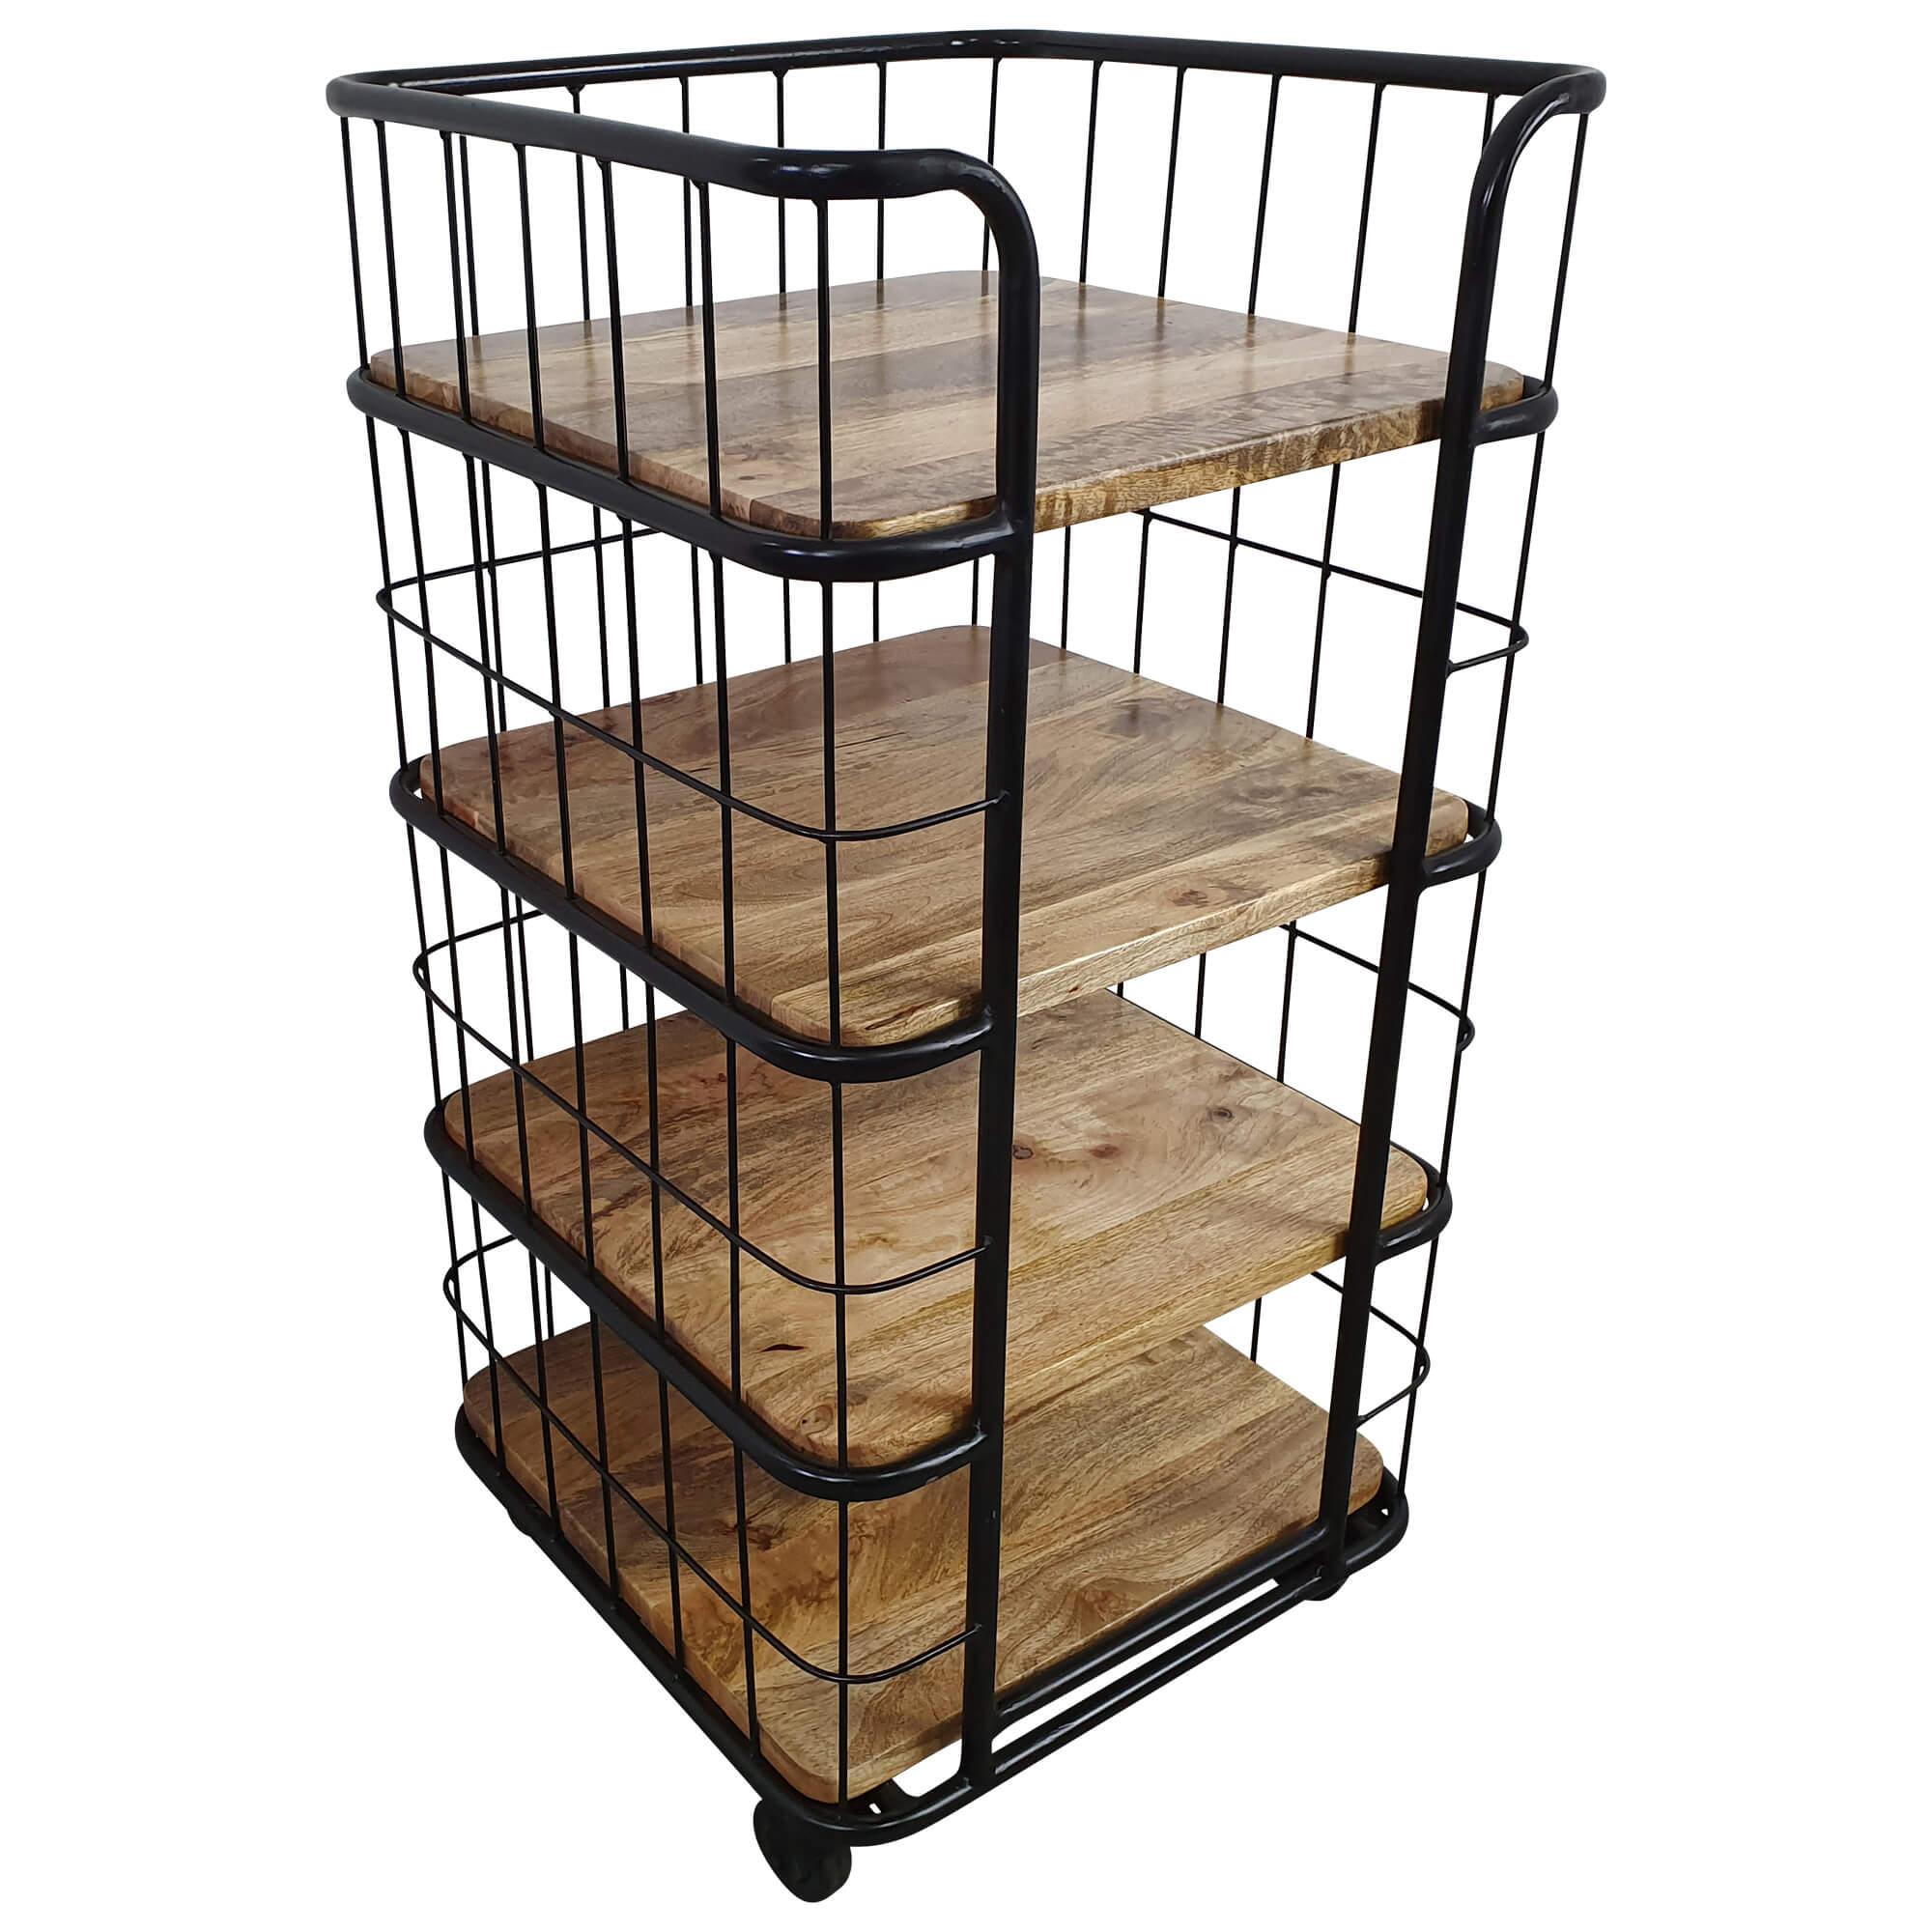 Kuchenwagen Mehrstockig 4 Boden Rollen Regal Industrie Design Holz